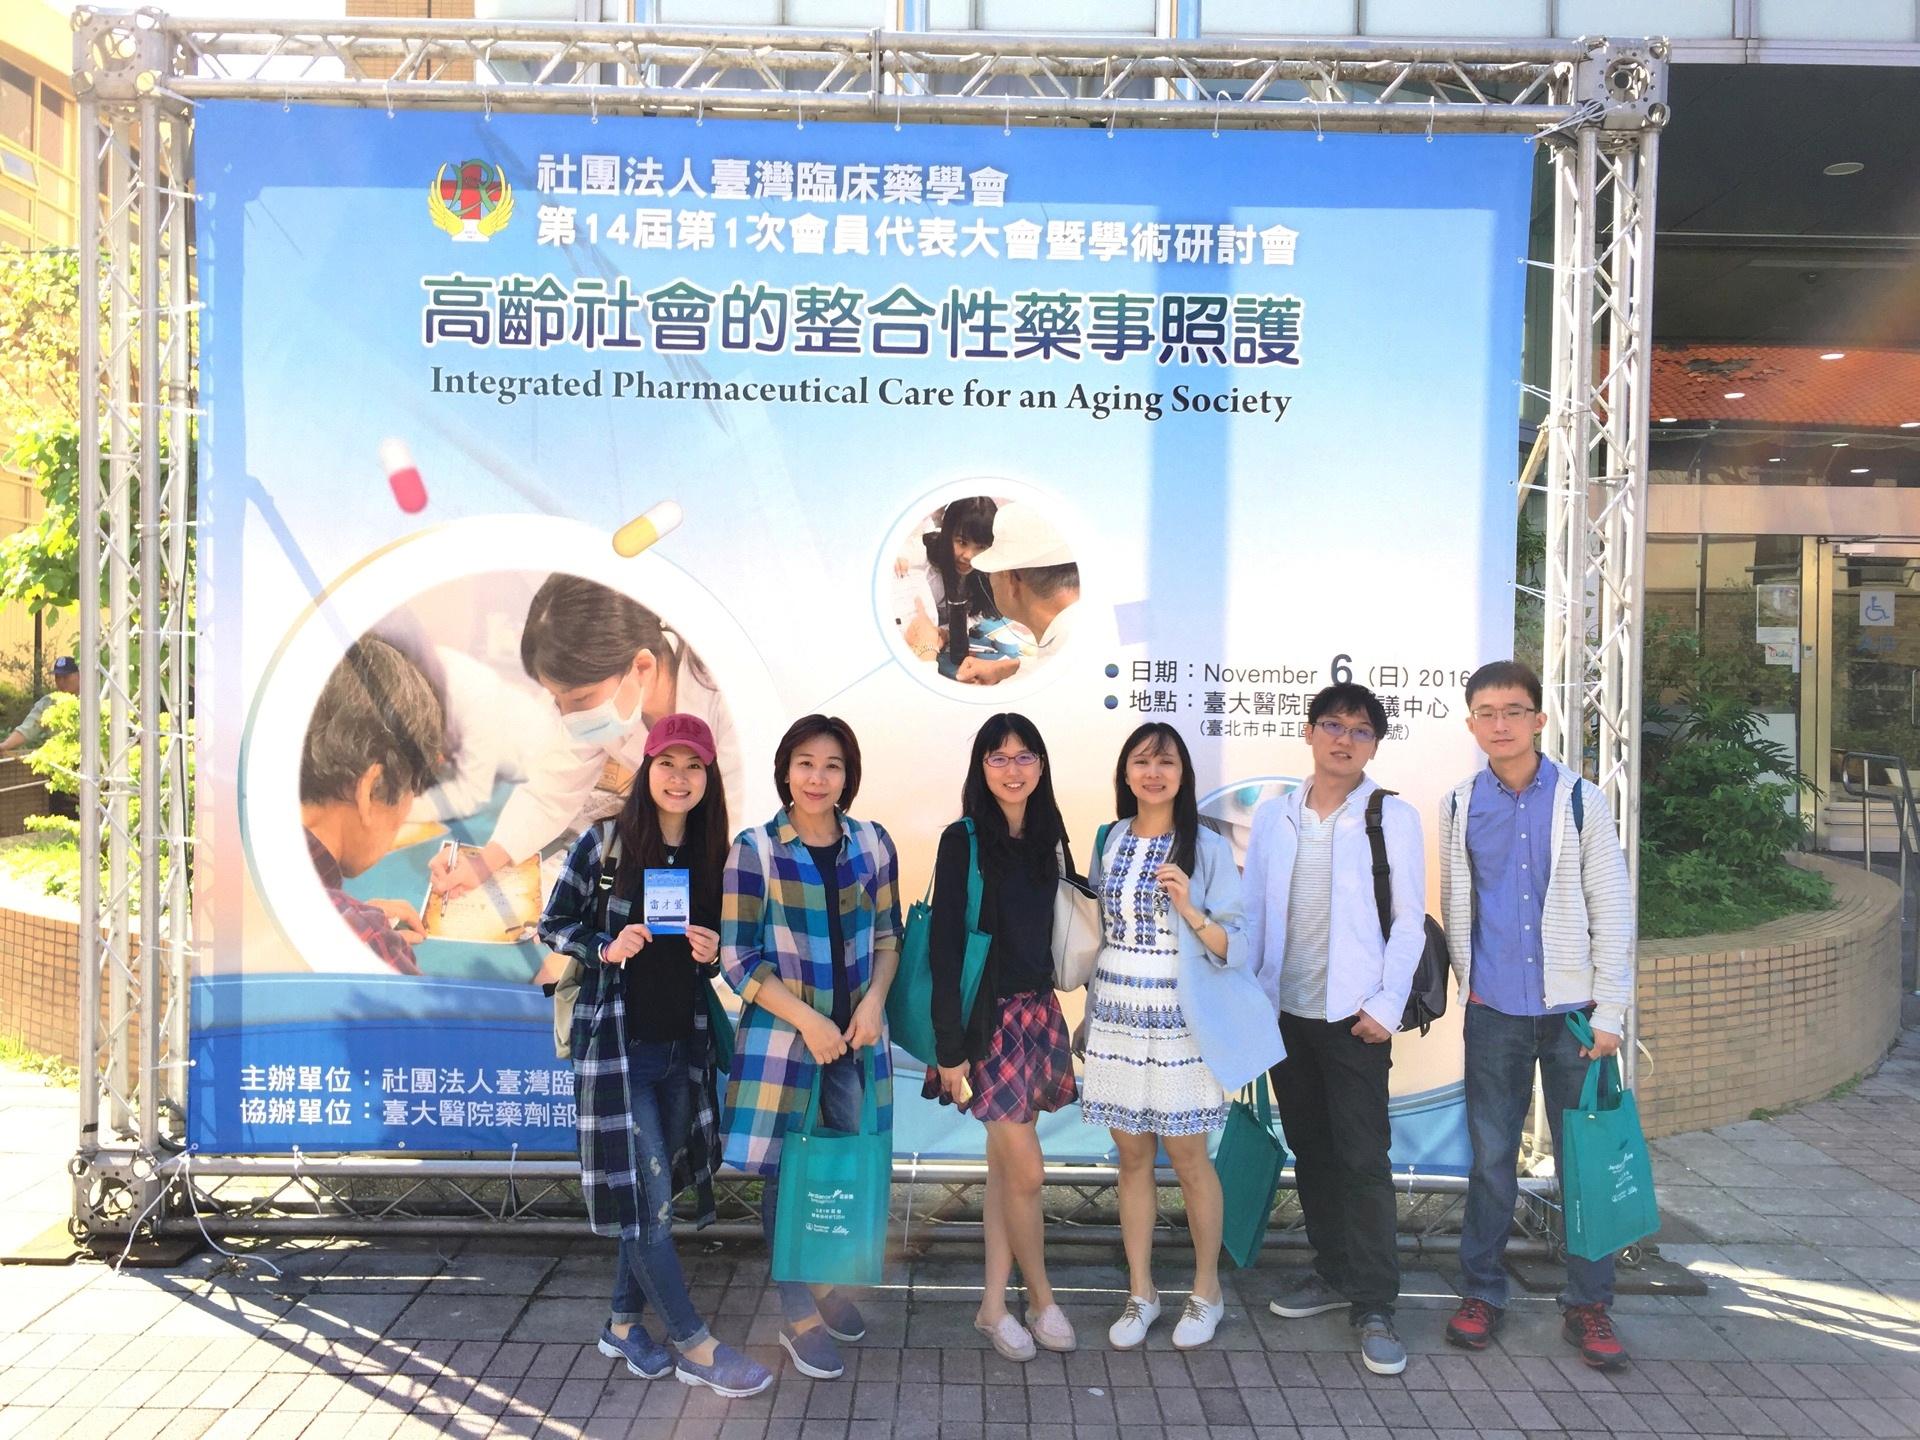 105年第14屆台灣臨床藥學會會員代表大會暨學術研討會照片